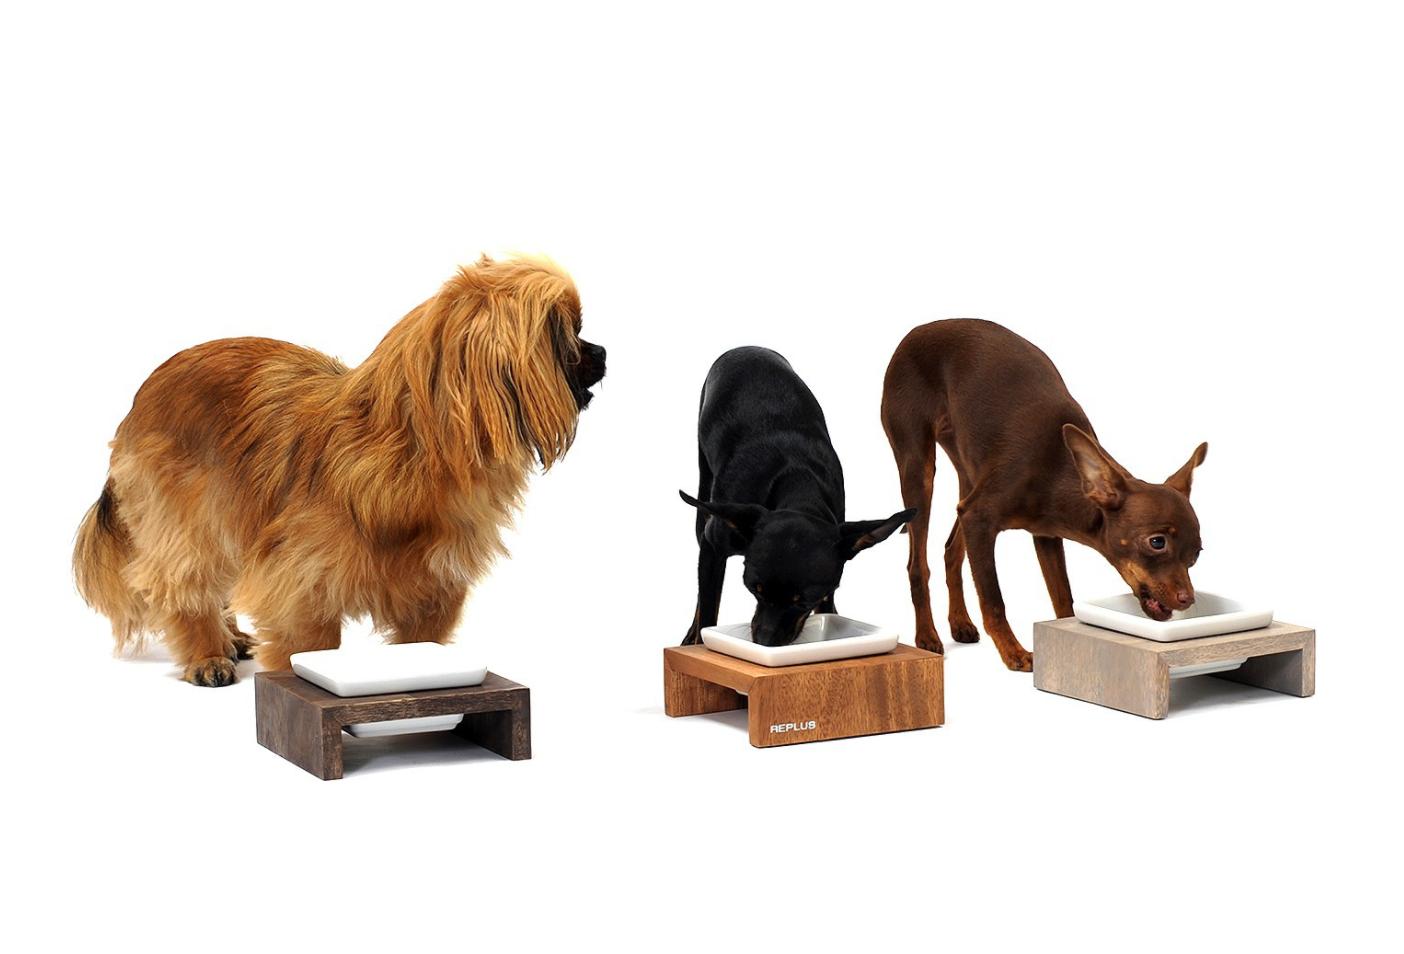 hundenapf aus holz & keramik, hunde futterbar, hunde futterstation